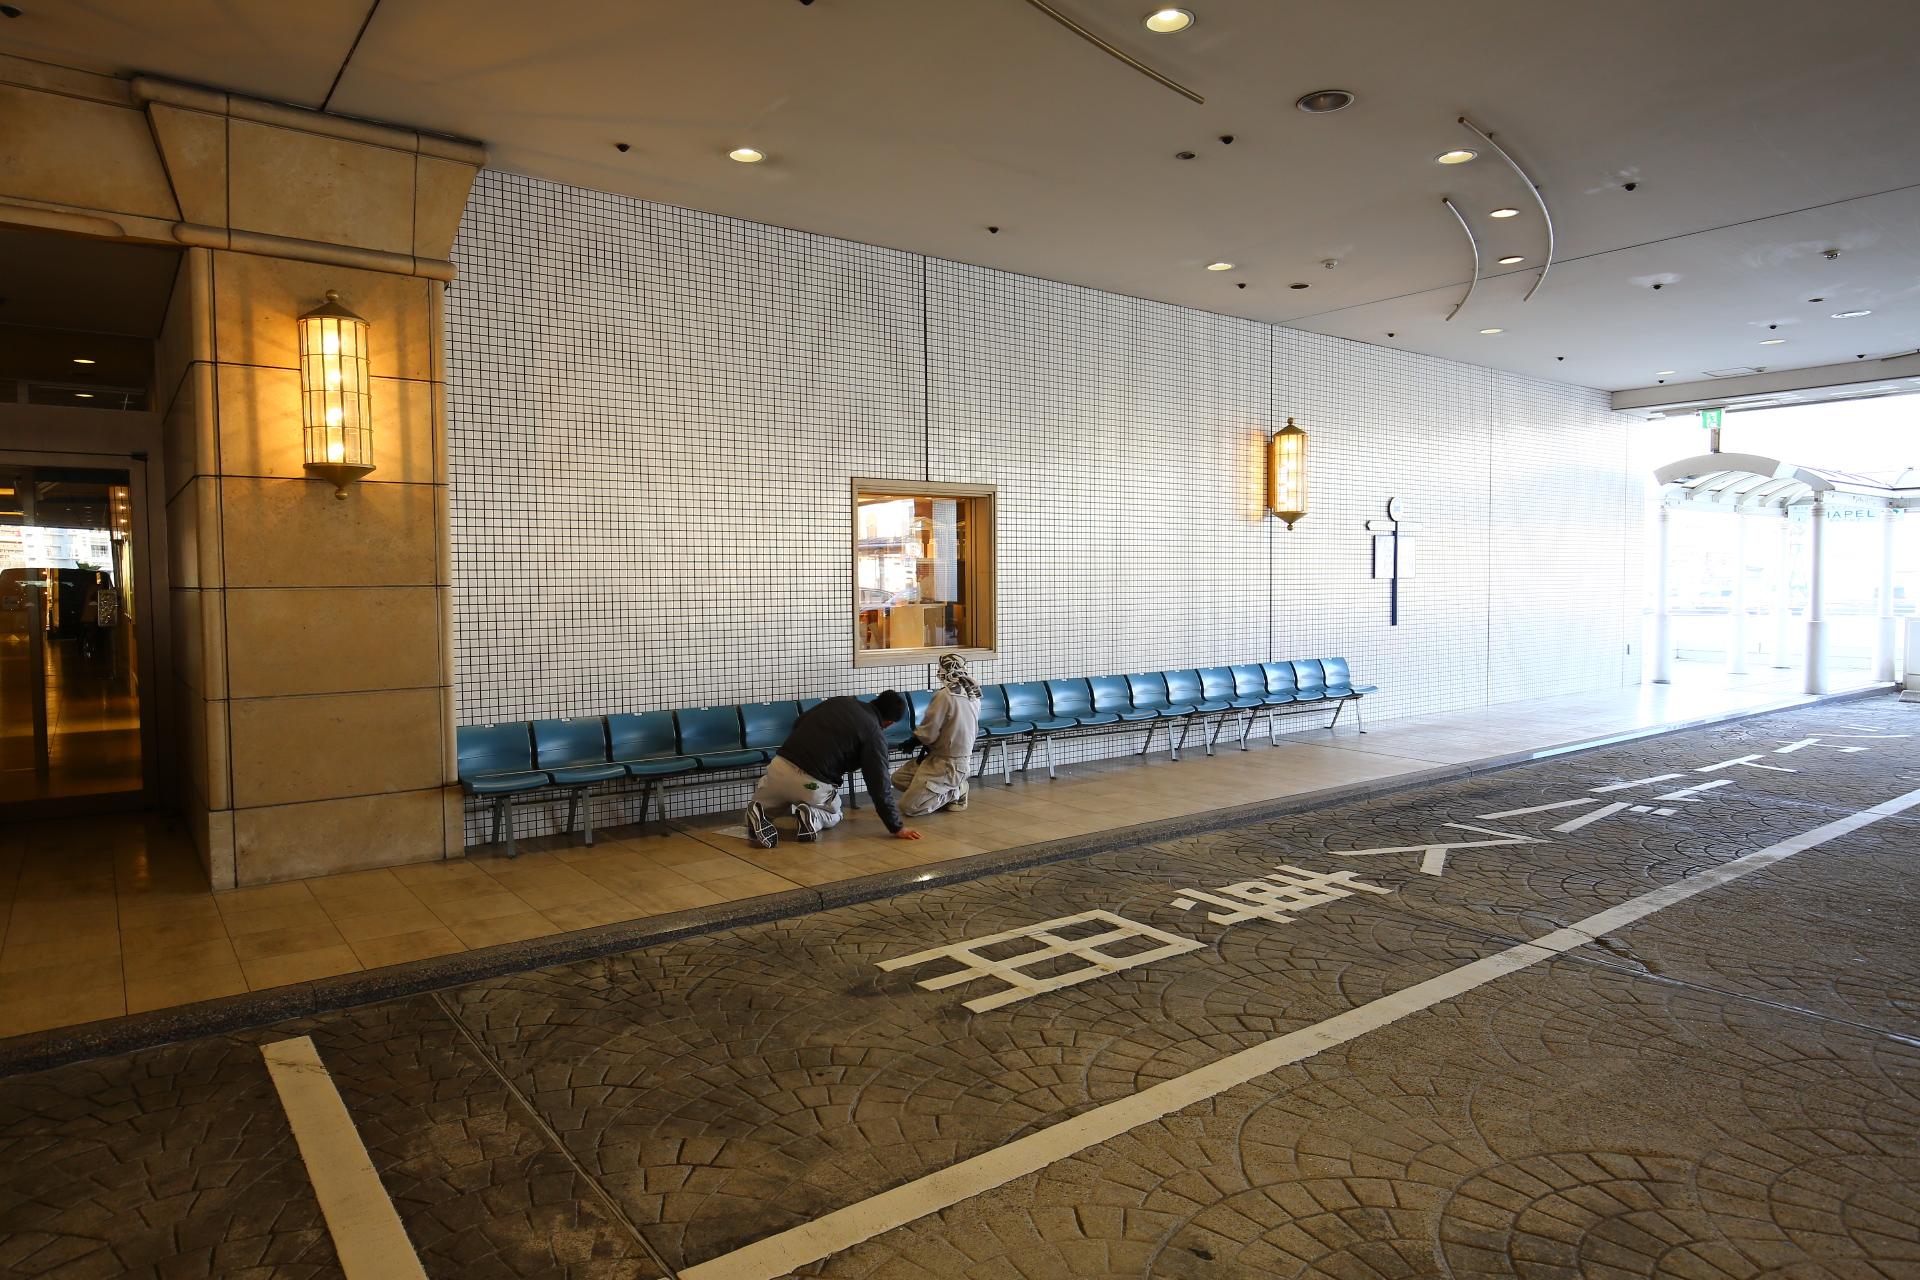 【神戶飯店推薦】神戶Meriken公園東方飯店,神戶港旁超值住宿! @小環妞 幸福足跡